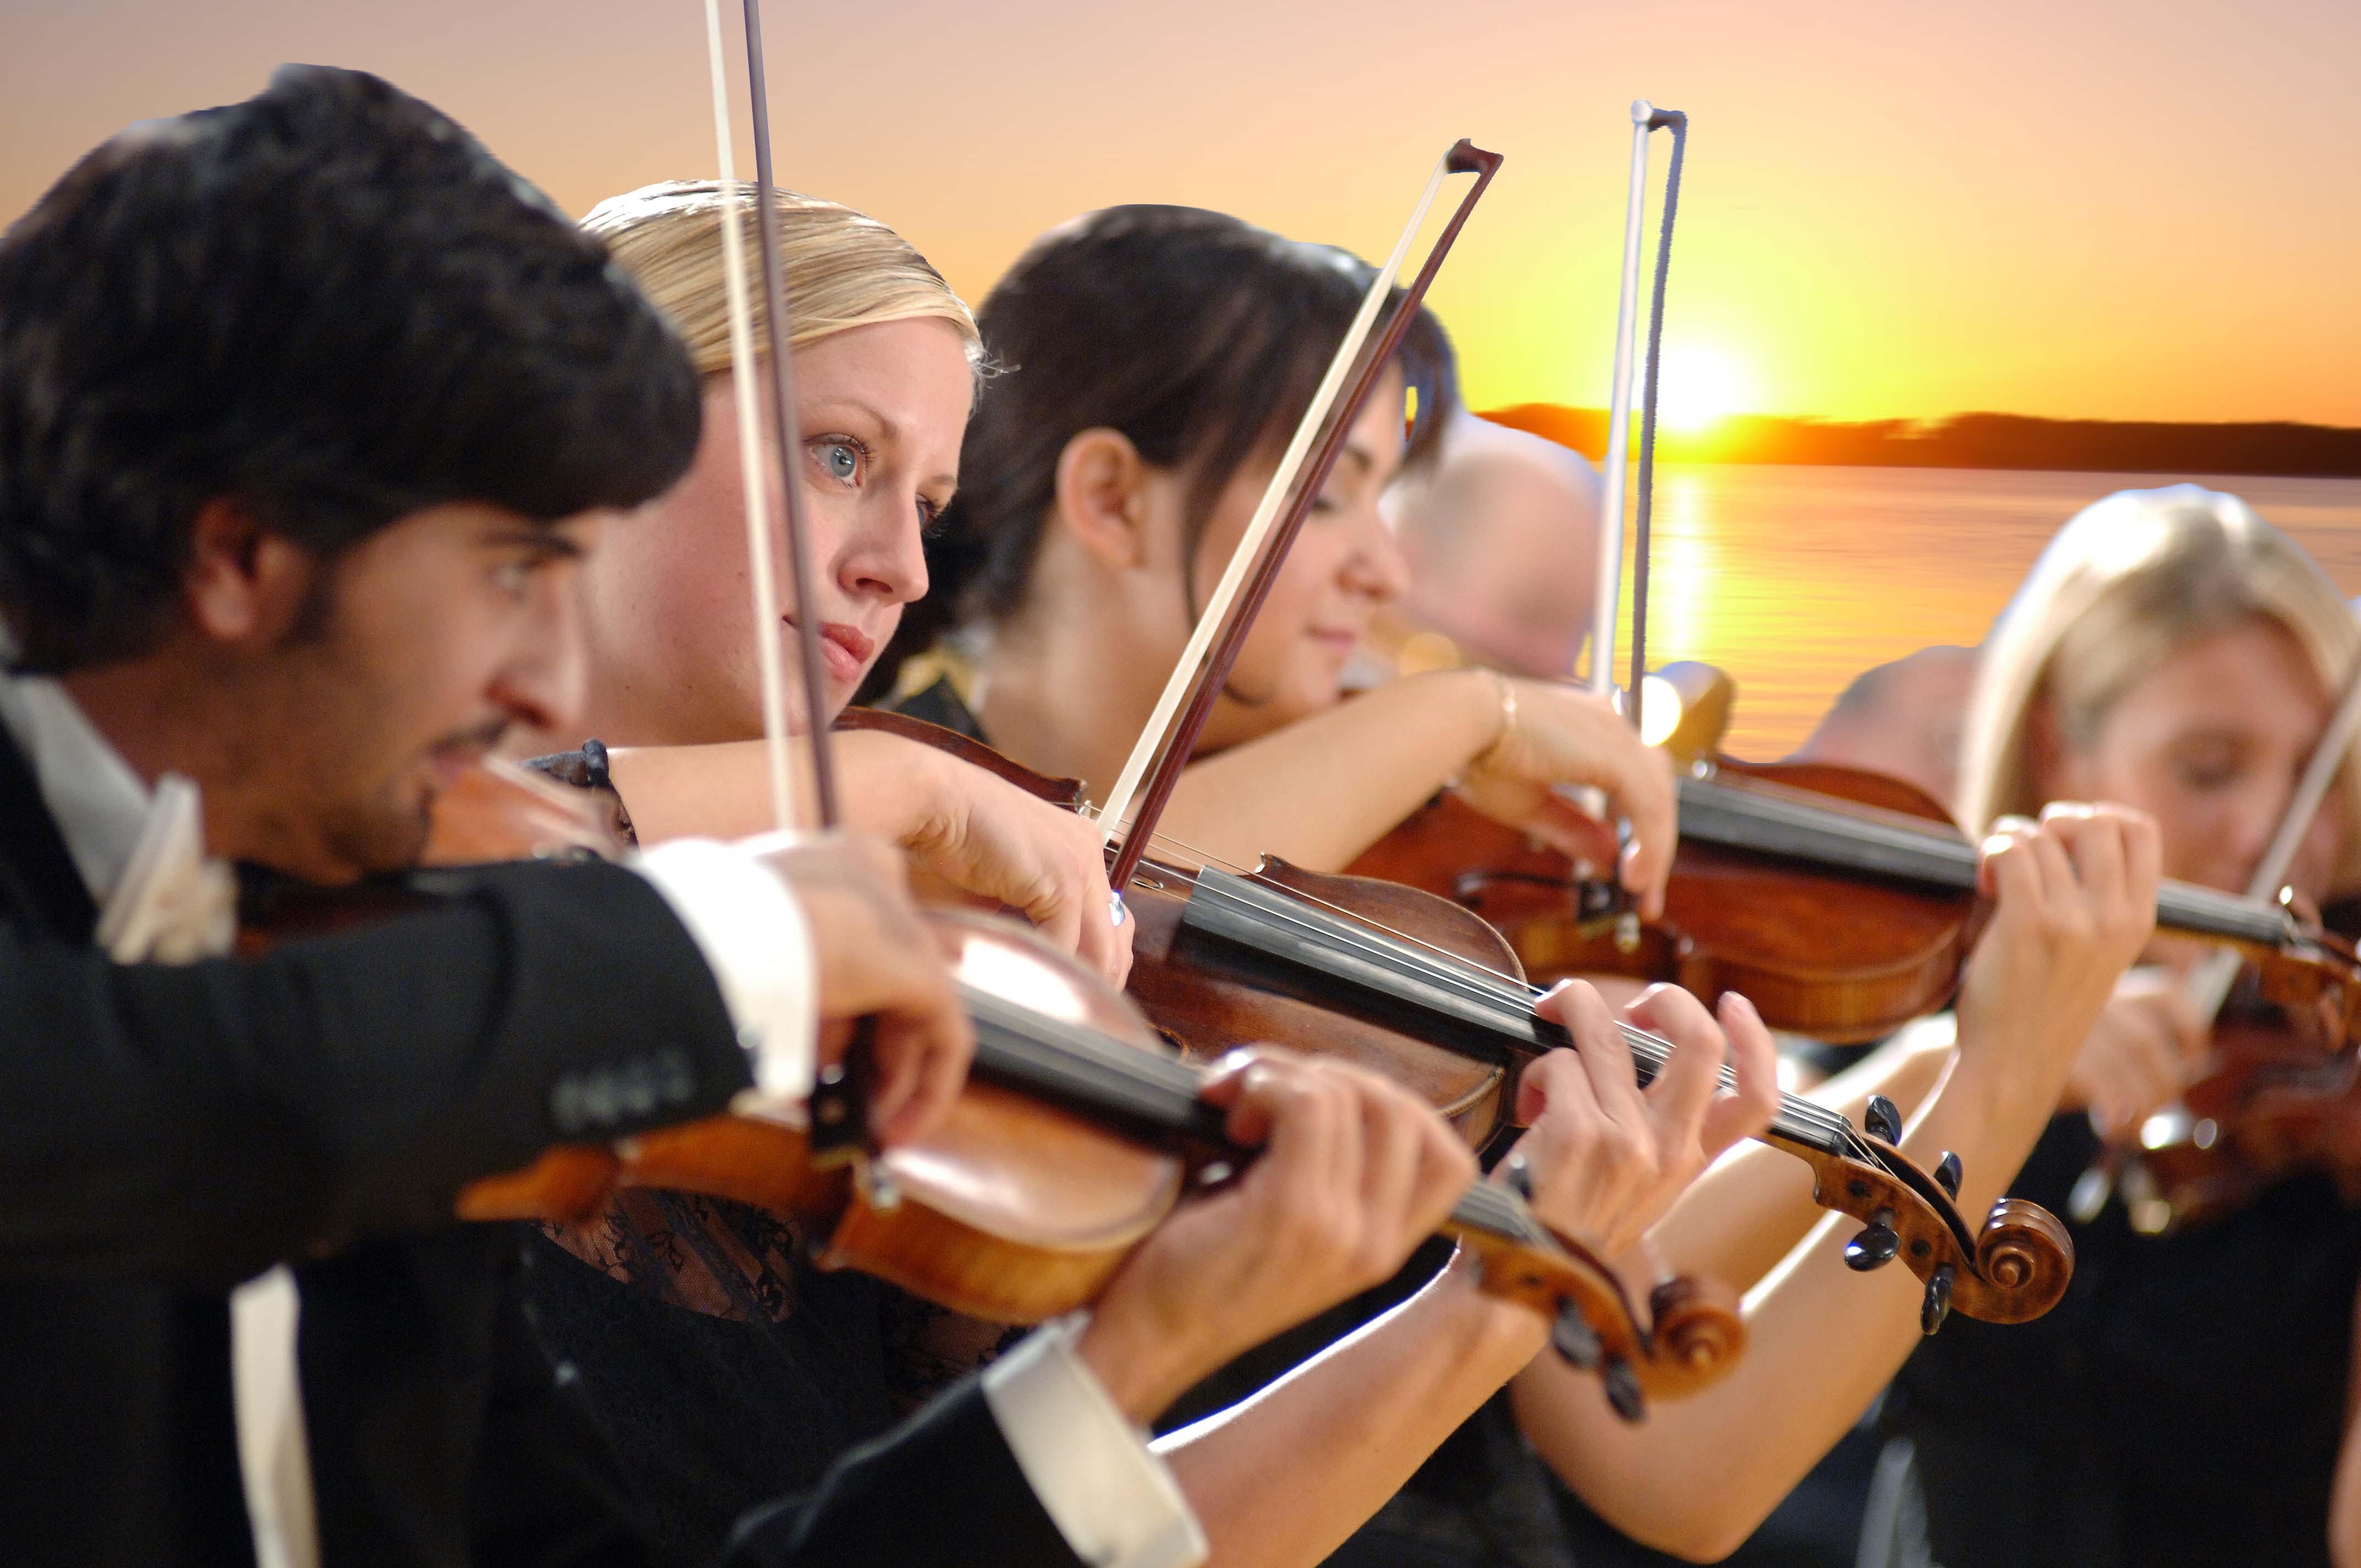 Orquesta de Cámara de Colonia